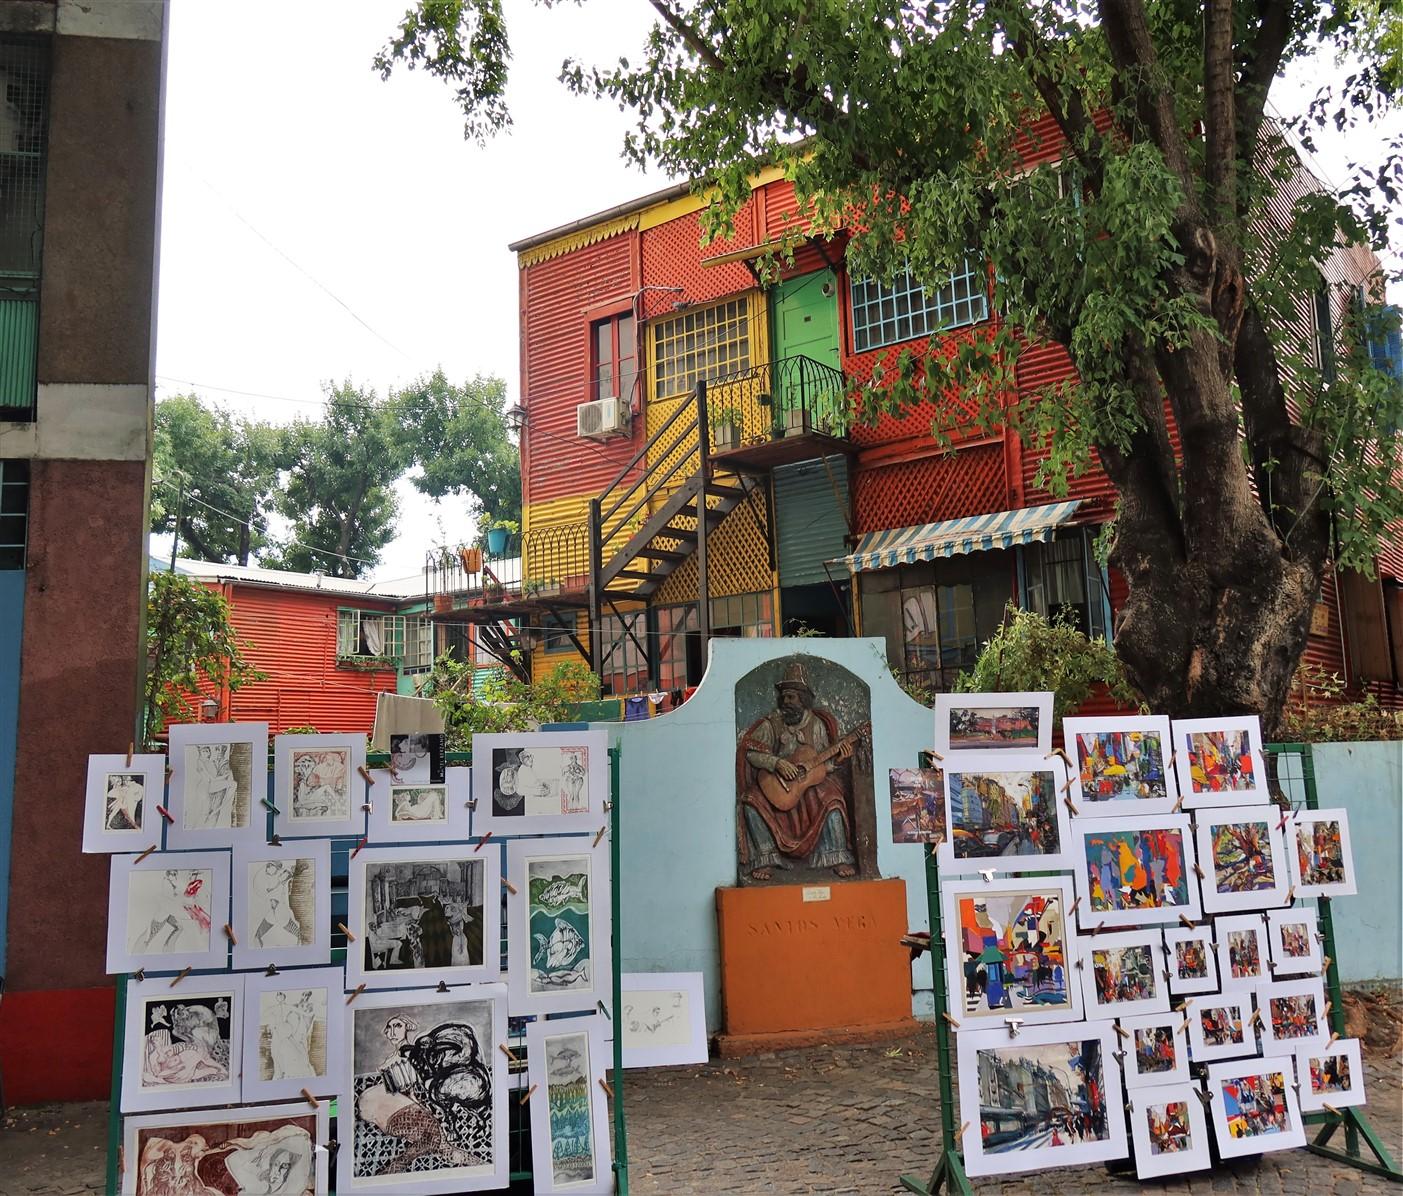 2020 03 08 131 Buenos Aires  La Boca.jpg